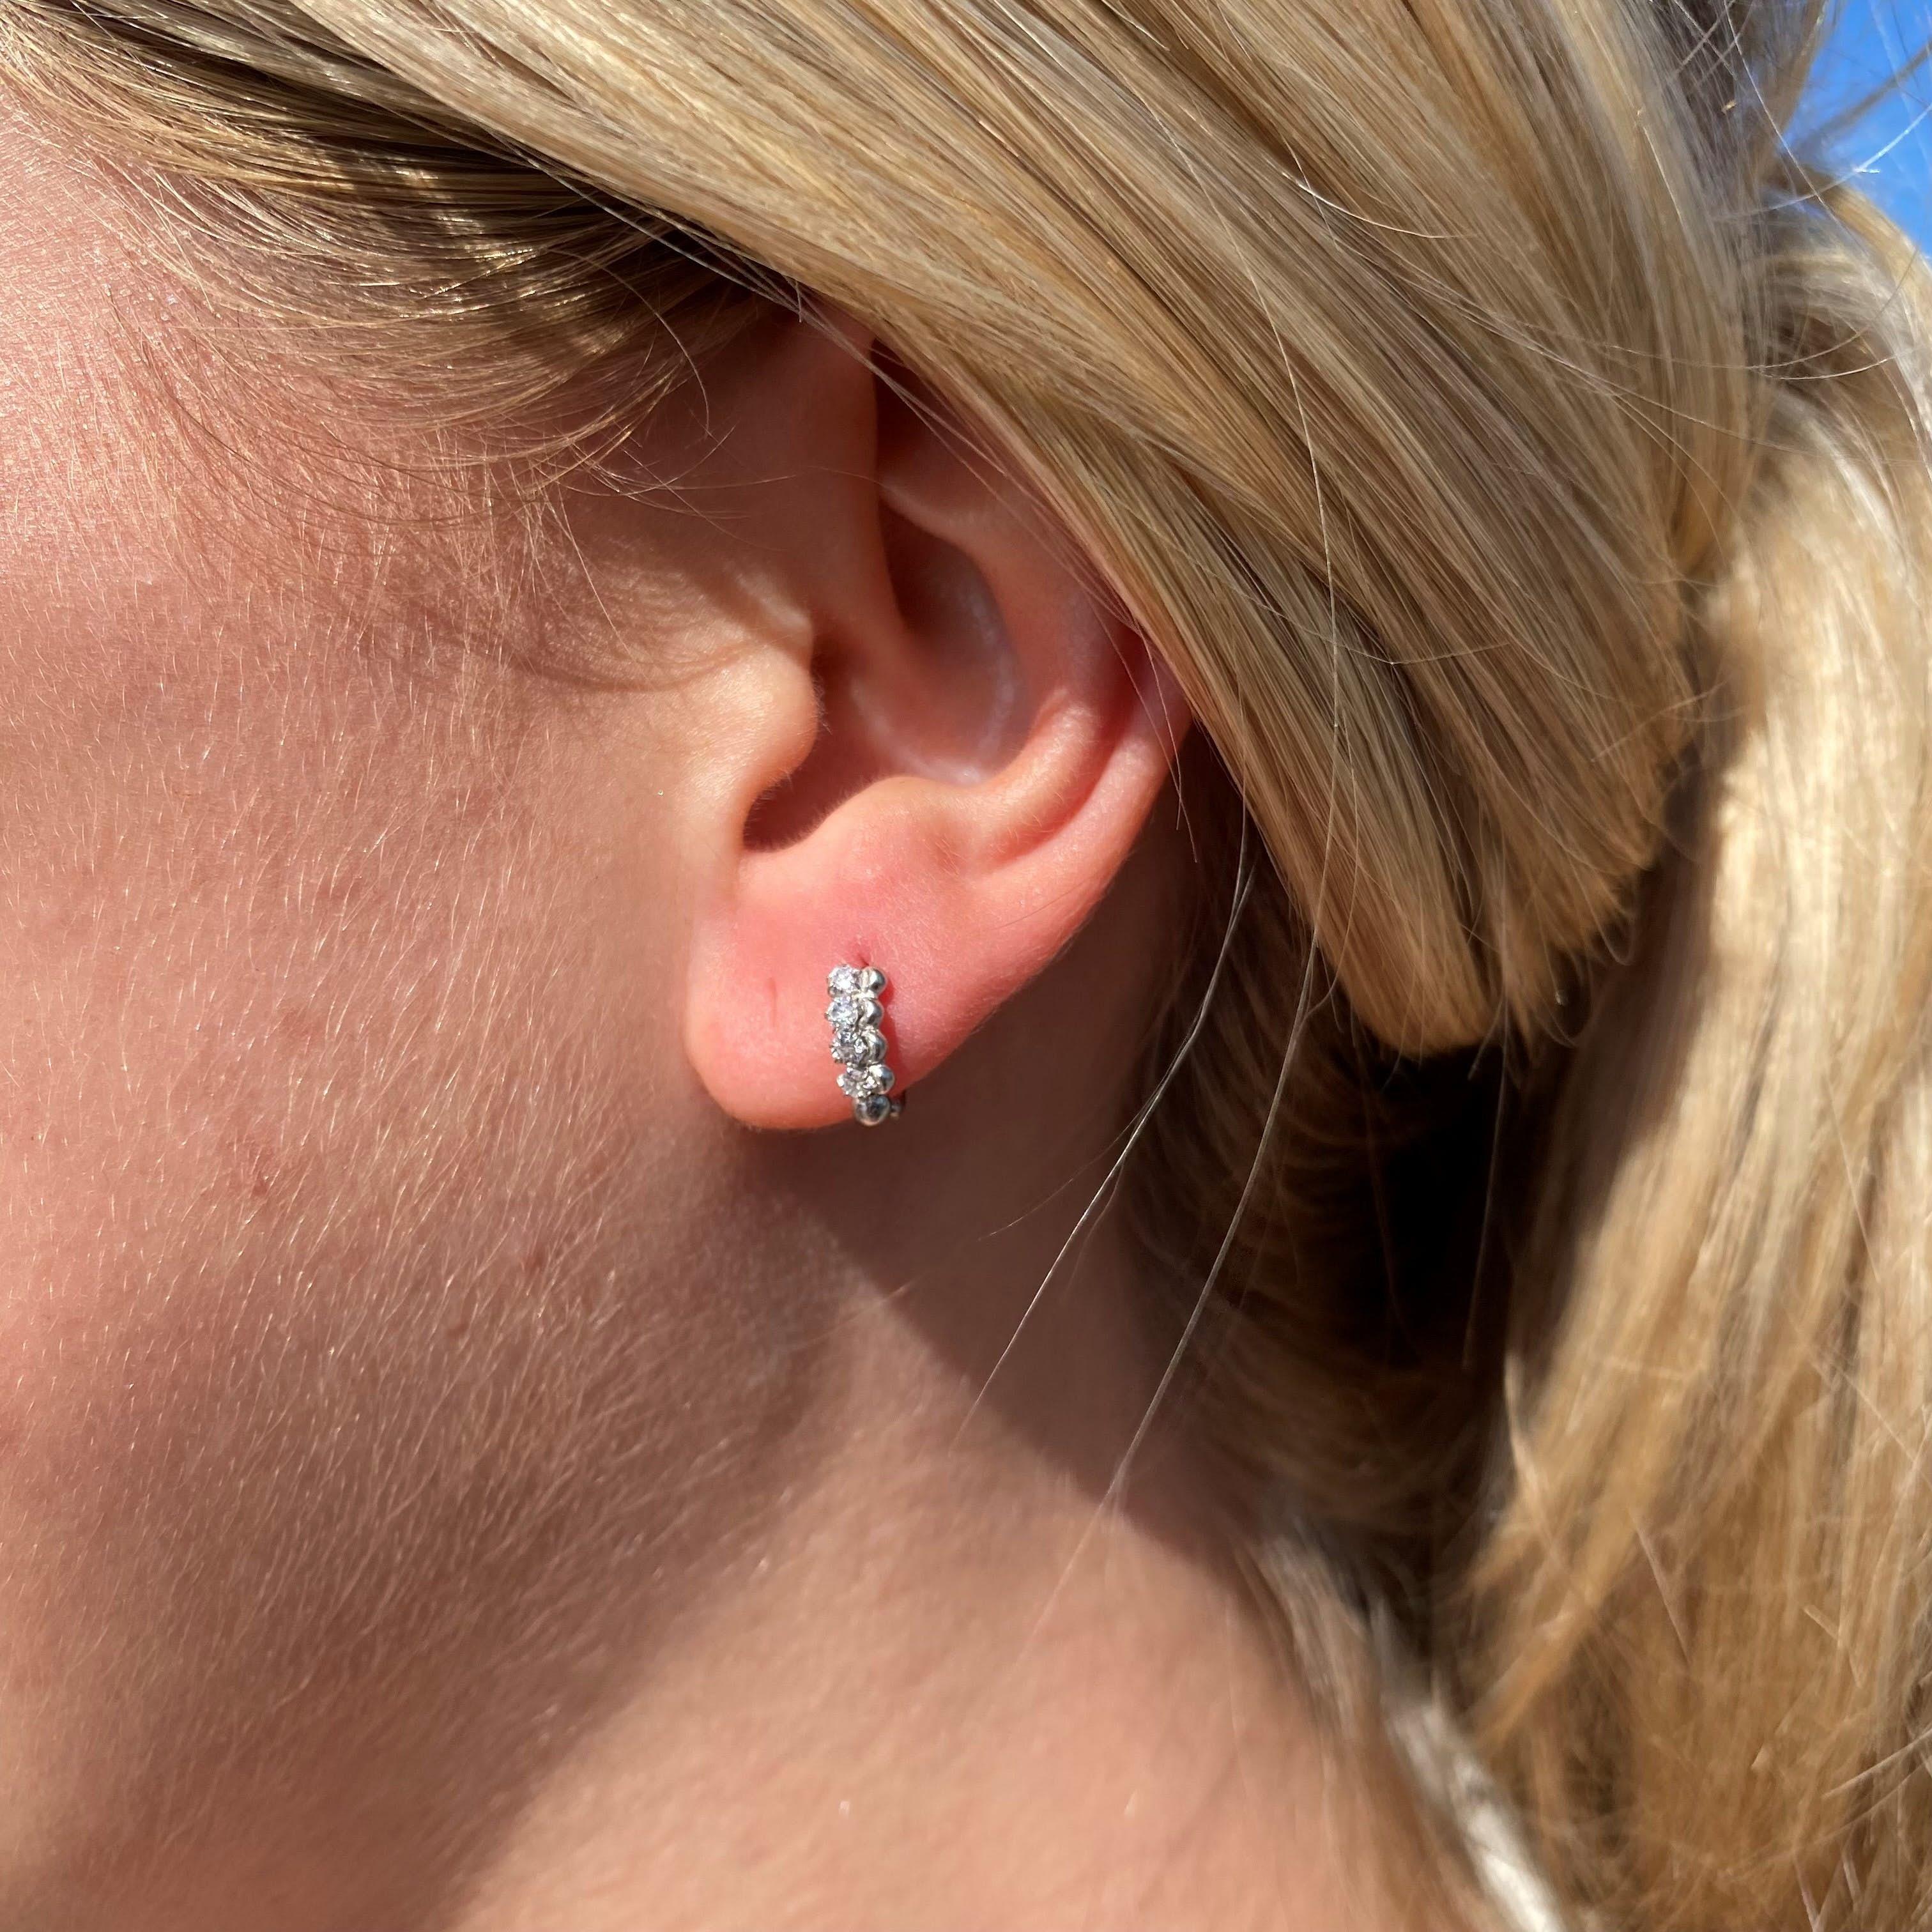 Lela 4 stones earrings von Maanesten in Silber Sterling 925